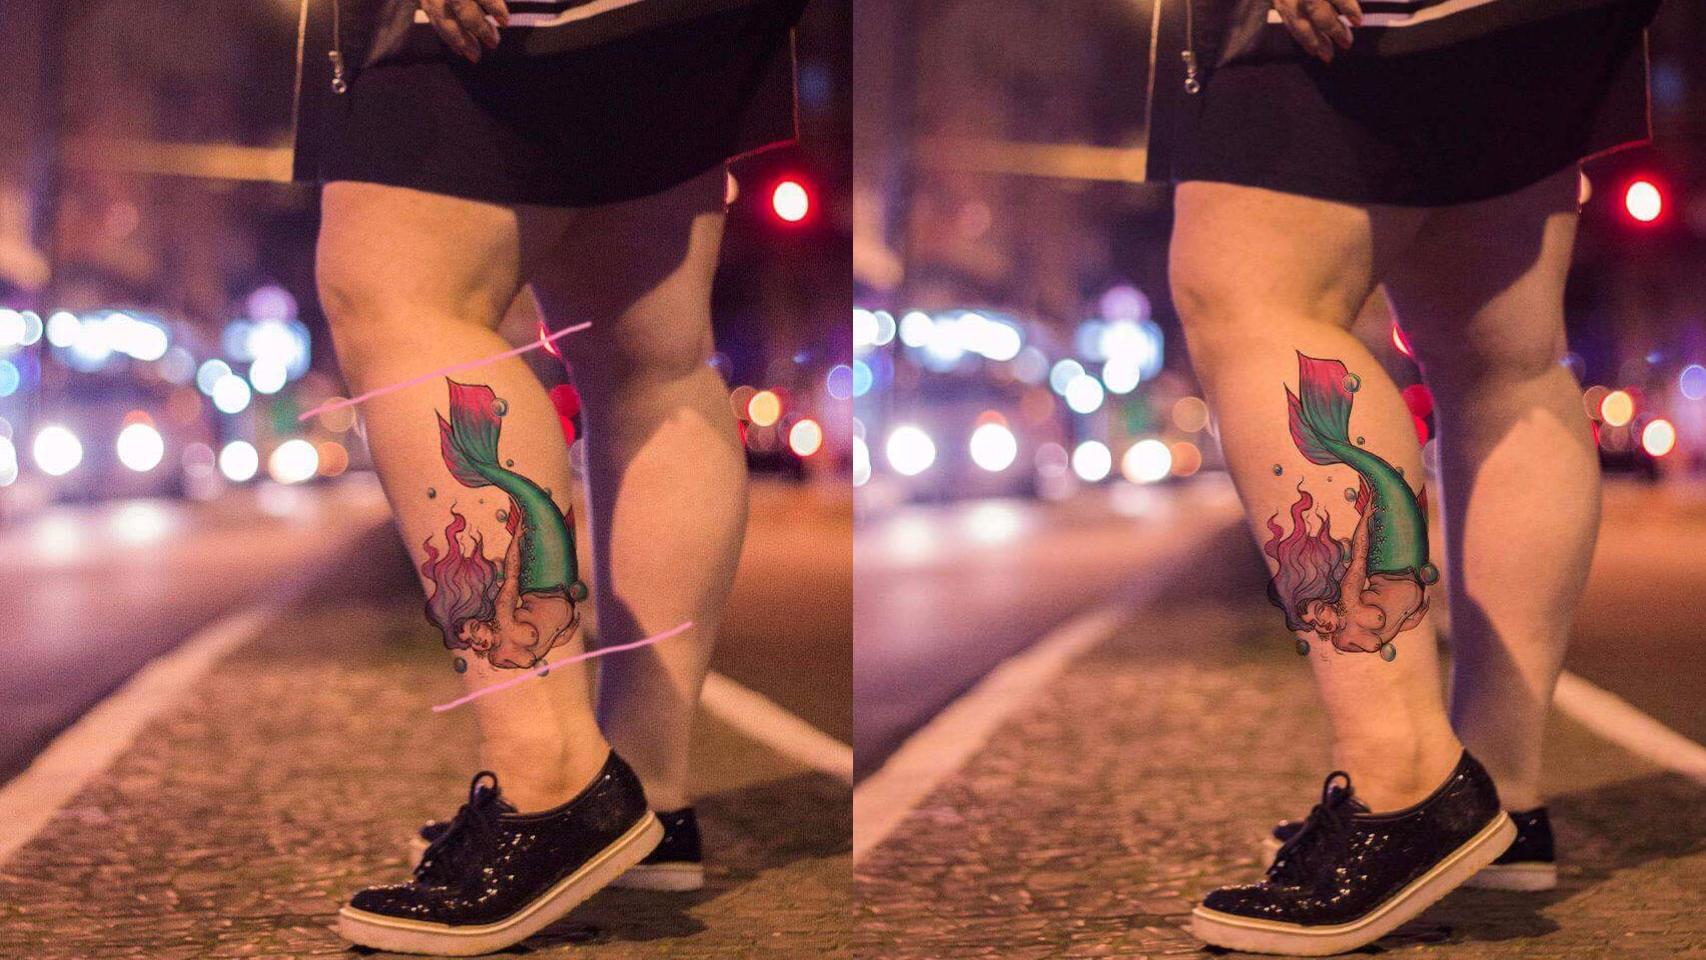 Preview tatuagem na pele